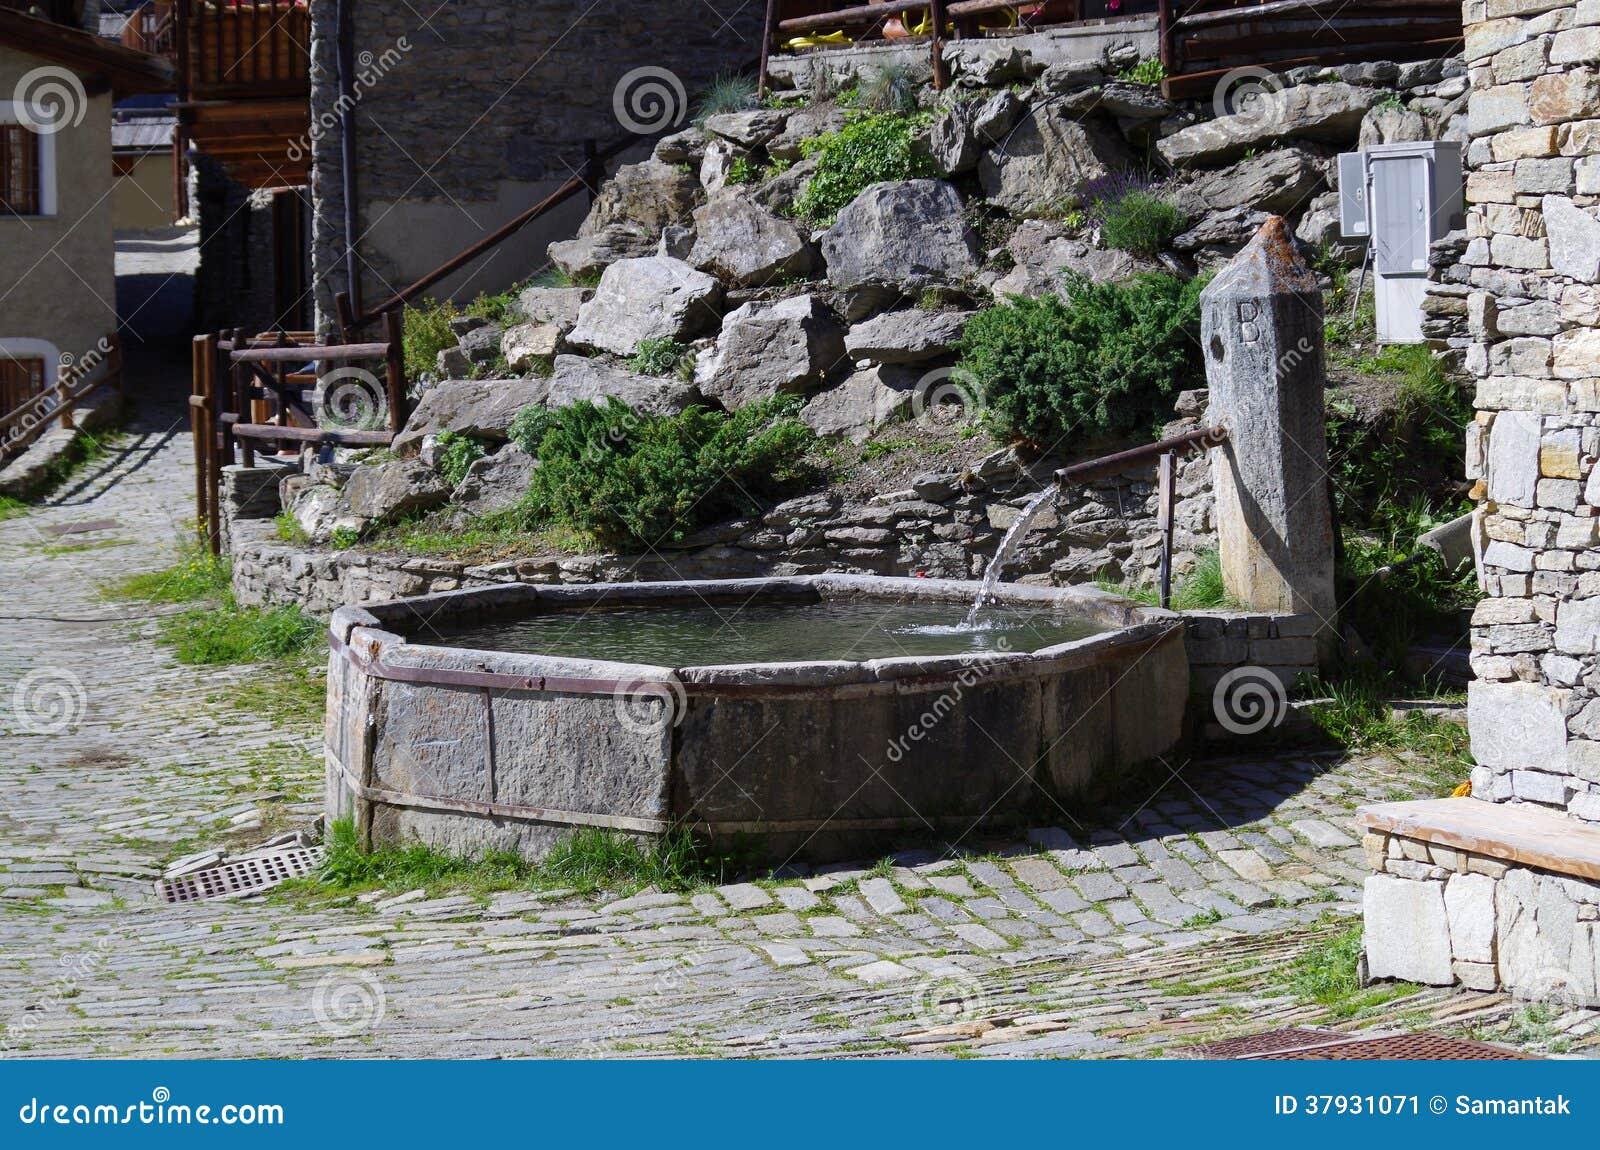 Каменный фонтан в горном селе